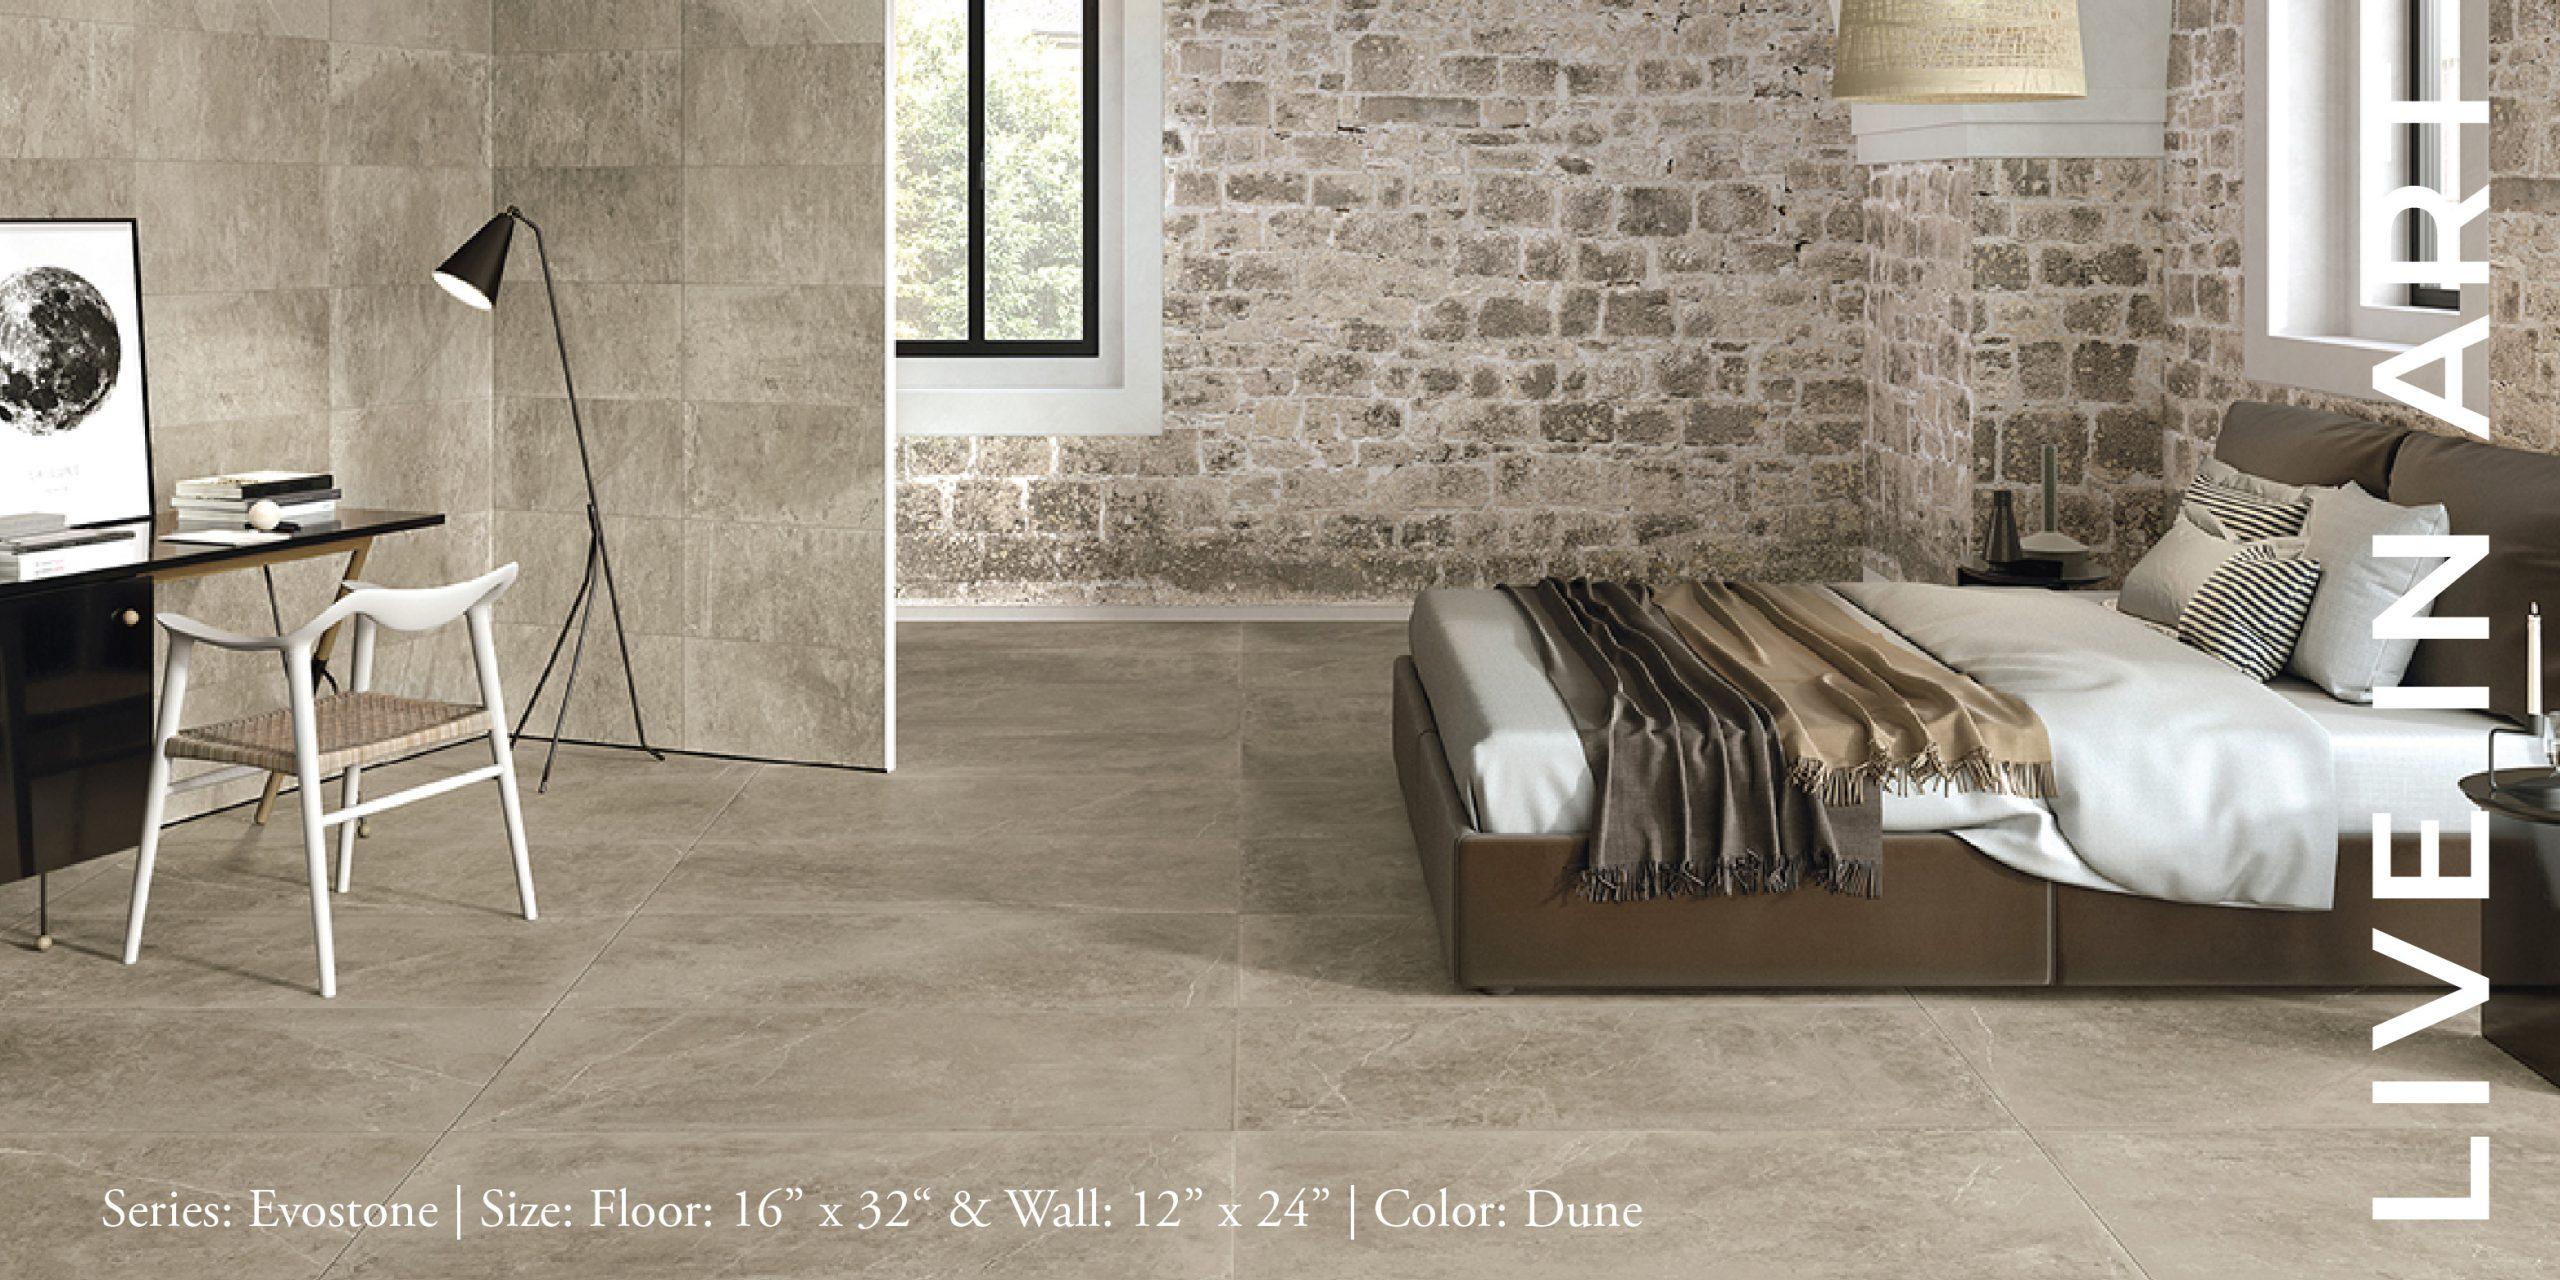 EvoStone dune 16x32 12x24